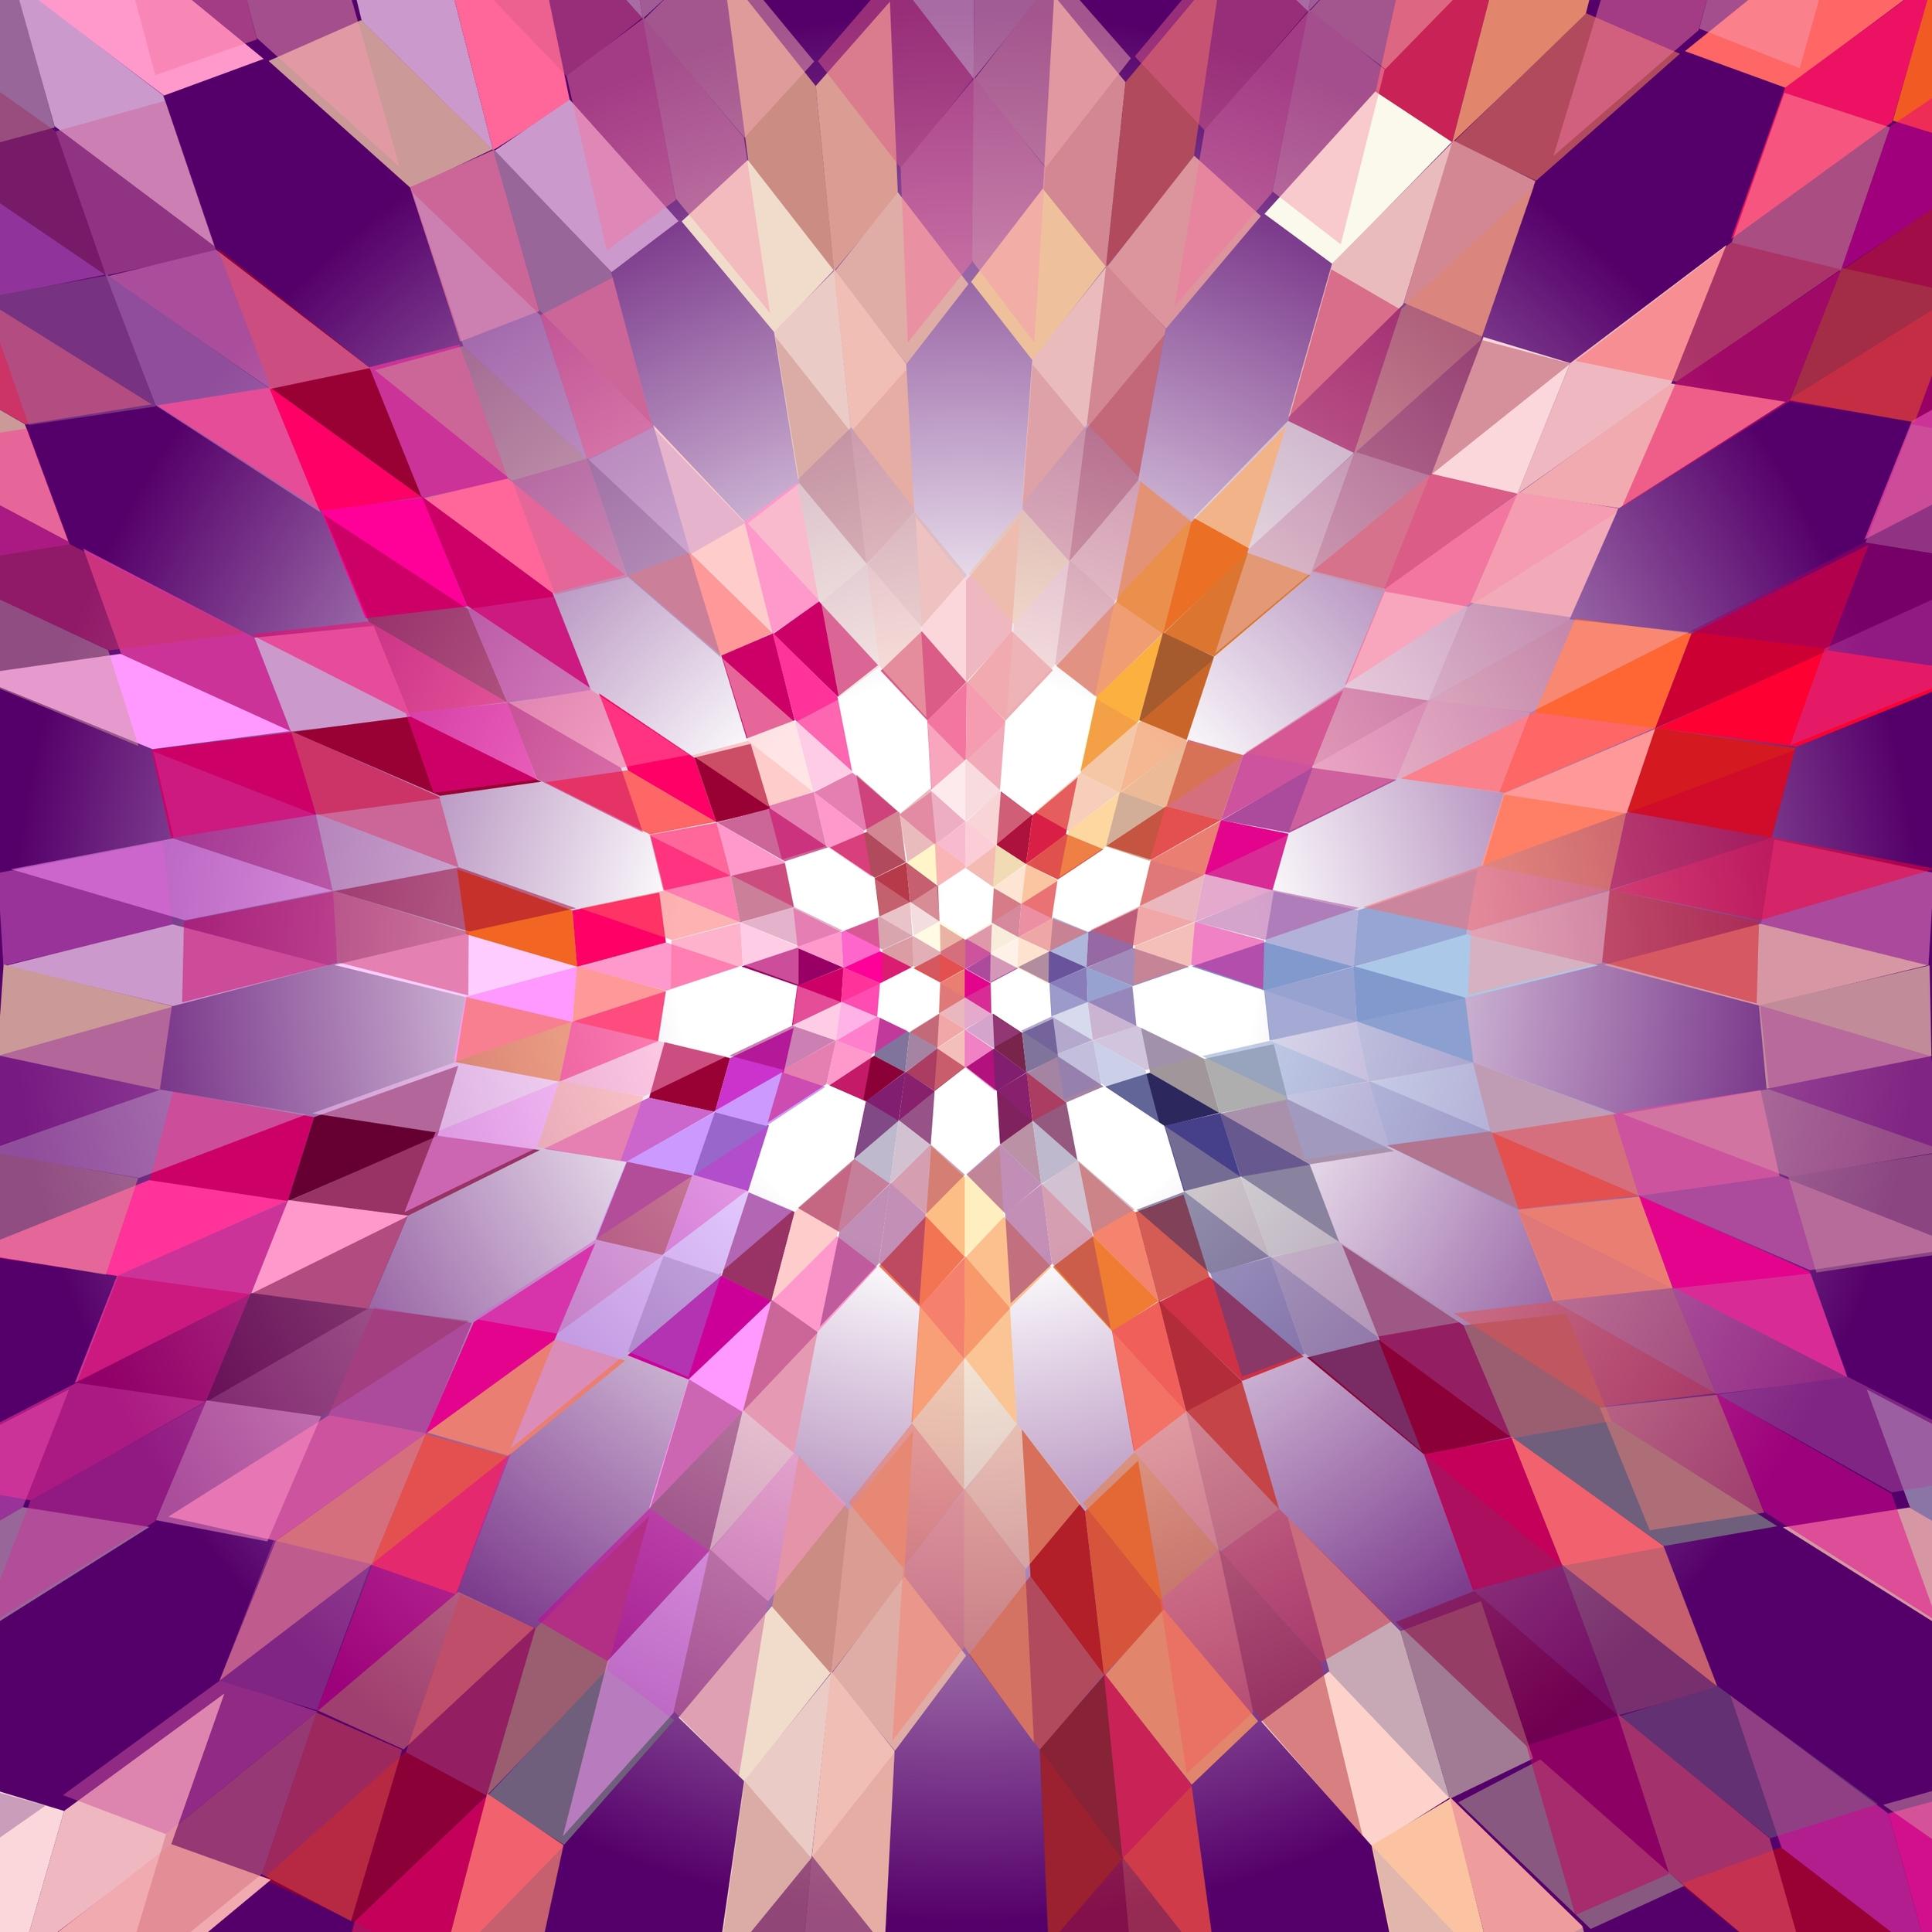 vectorstock_1440902.jpg